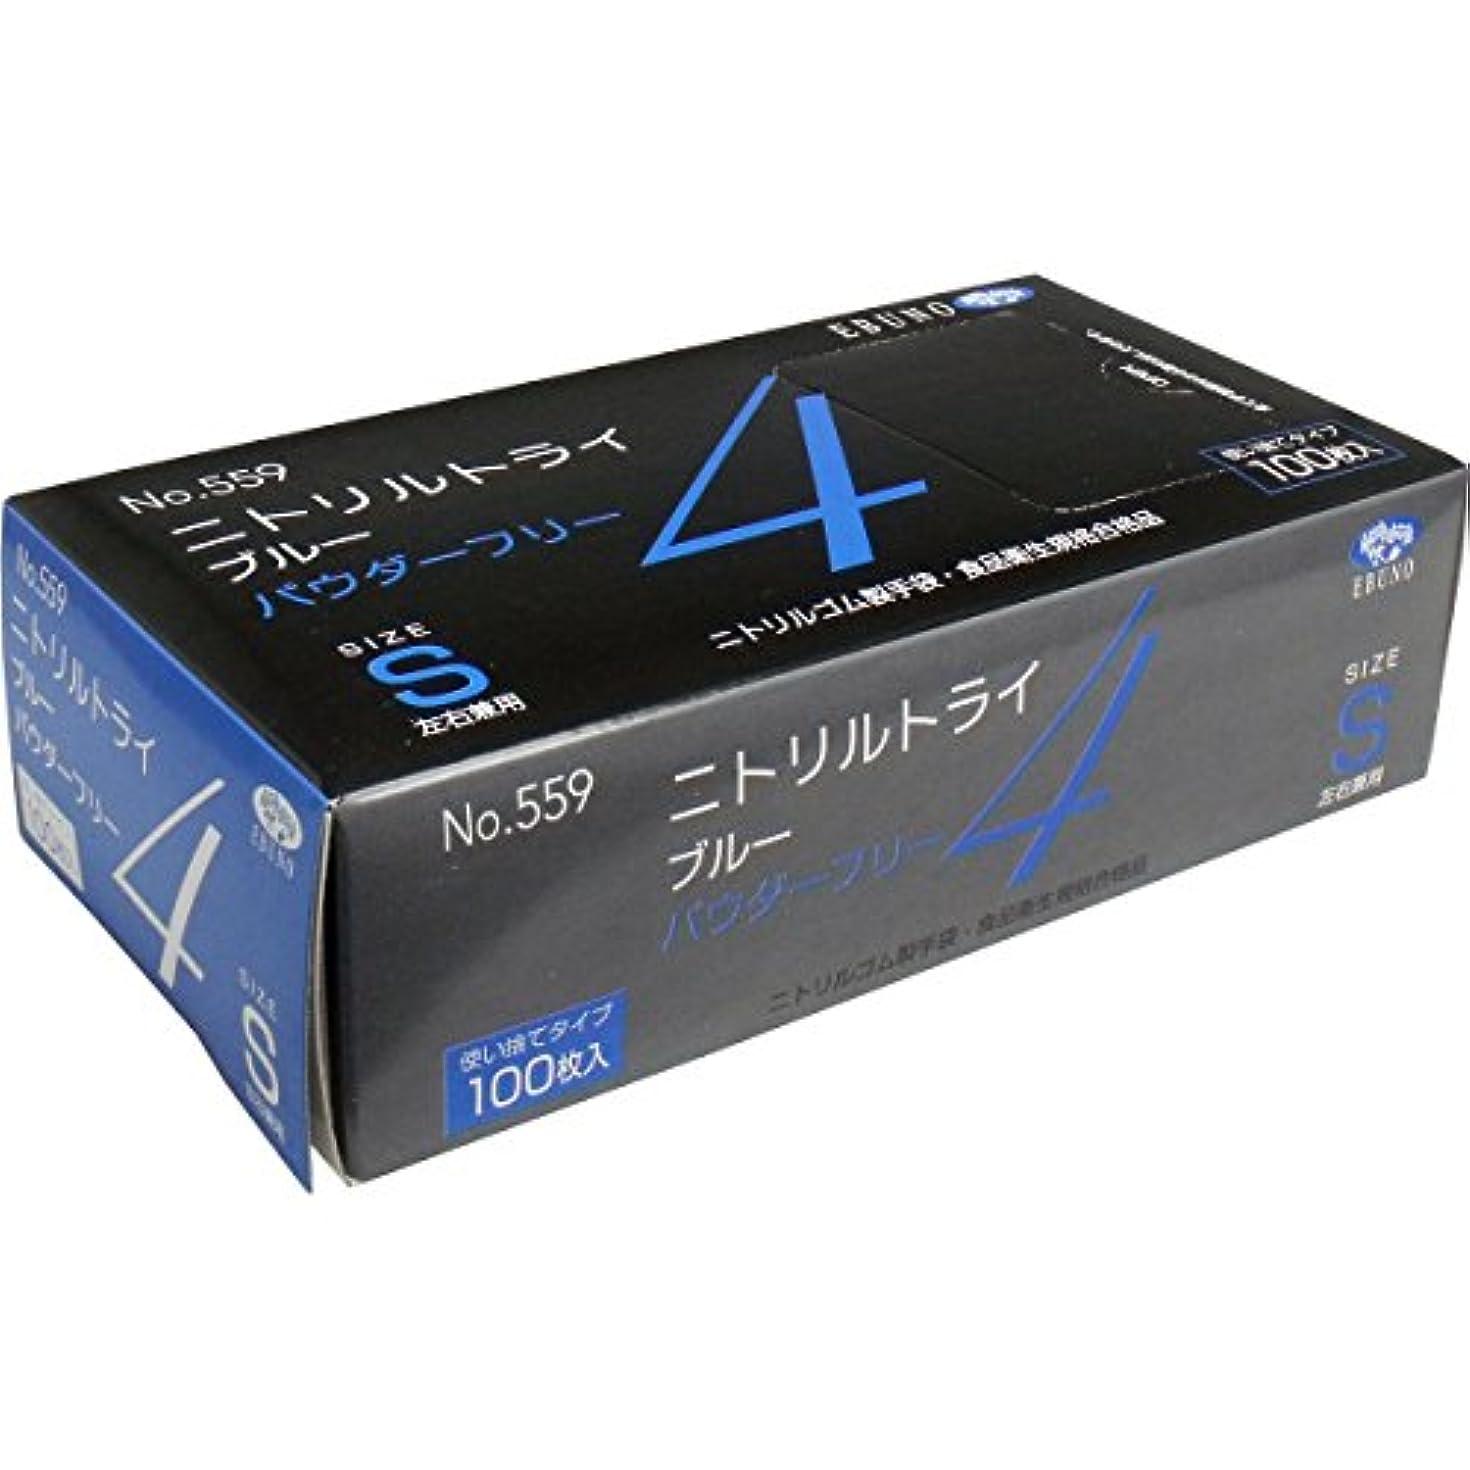 武器想定するまでニトリルトライ4 №559 ブルー 粉無 Sサイズ 100枚入